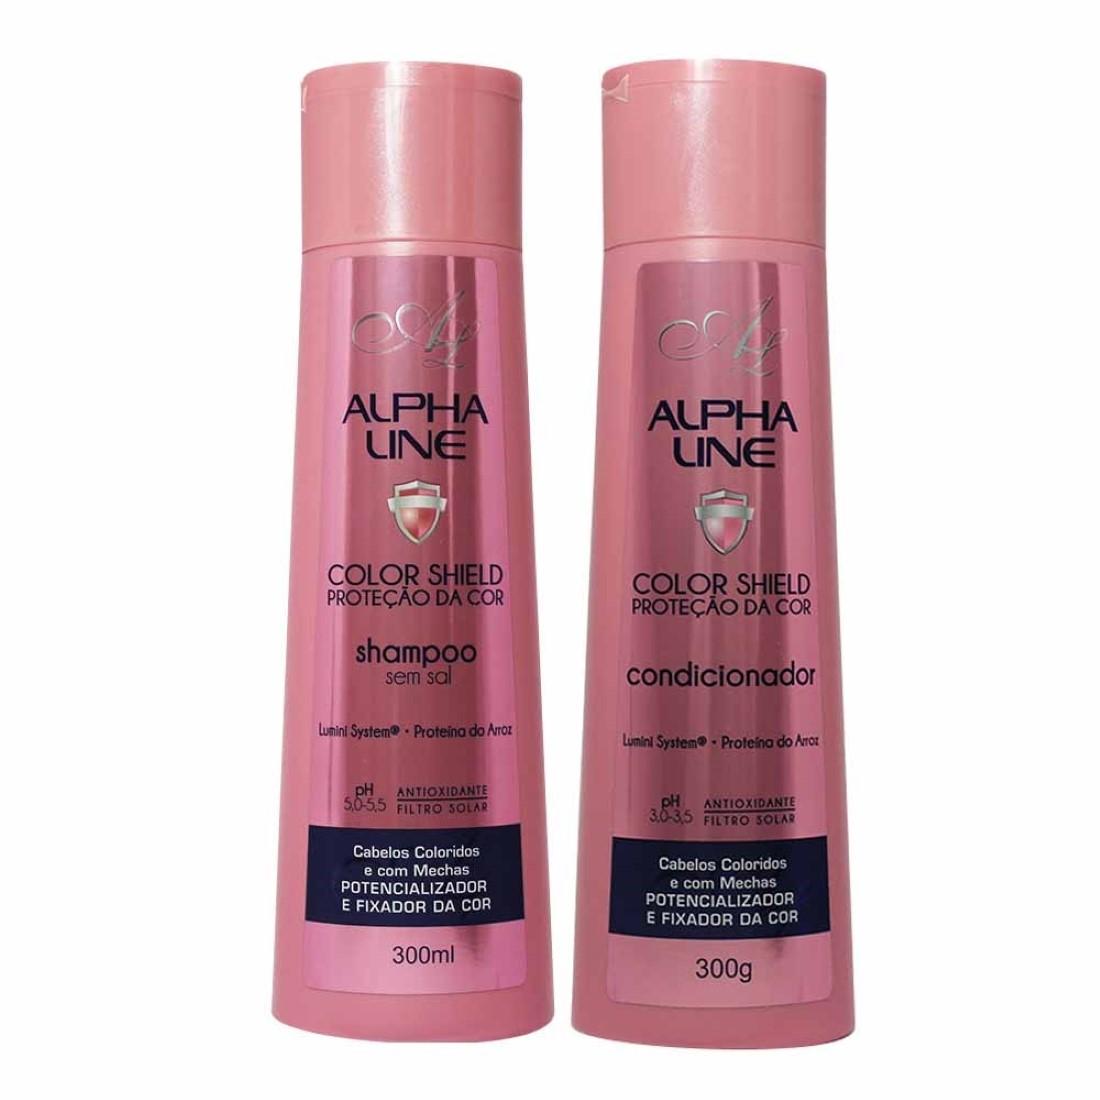 Kit de Shampoo e Condicionador Color Shield Proteção da Cor 250ml - Alpha Line